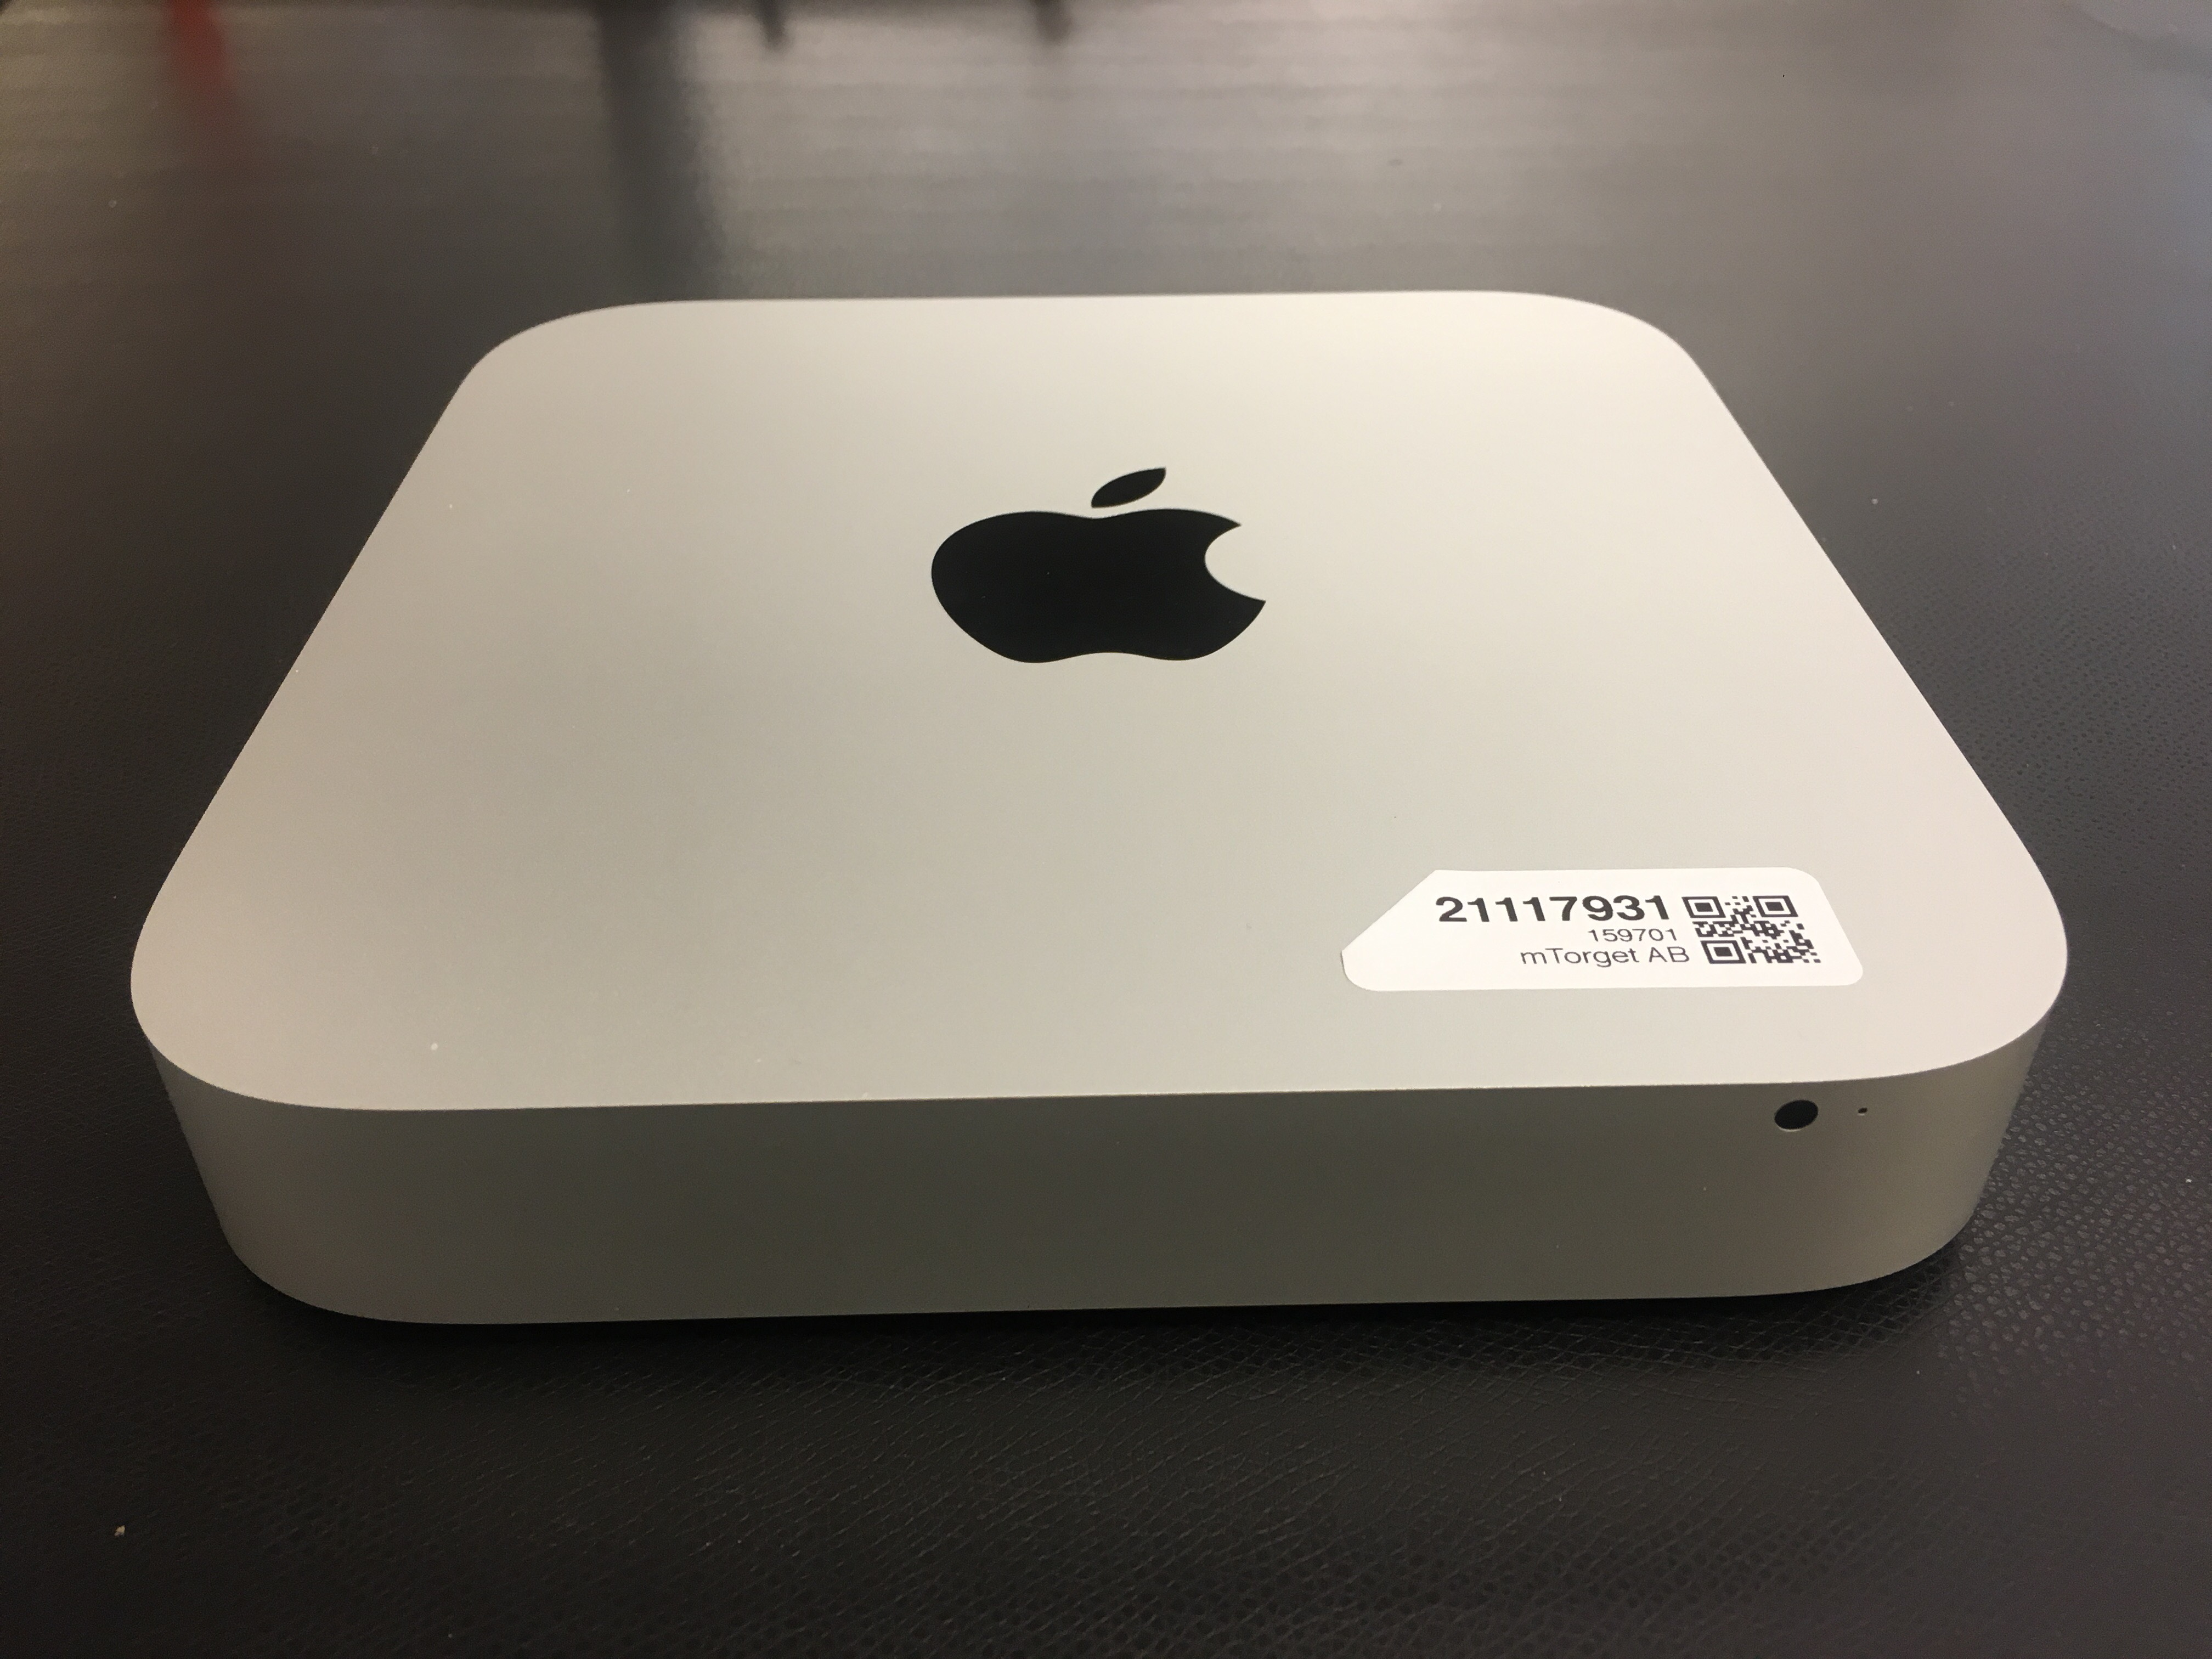 Mac Mini Late 2014 (Intel Core i5 2.6 GHz 8 GB RAM 1 TB HDD), Intel Core i5 2.6 GHz (Haswell), 8 GB PC3-12800 (1600 MHz) LPDDR3, 1 TB, bild 2